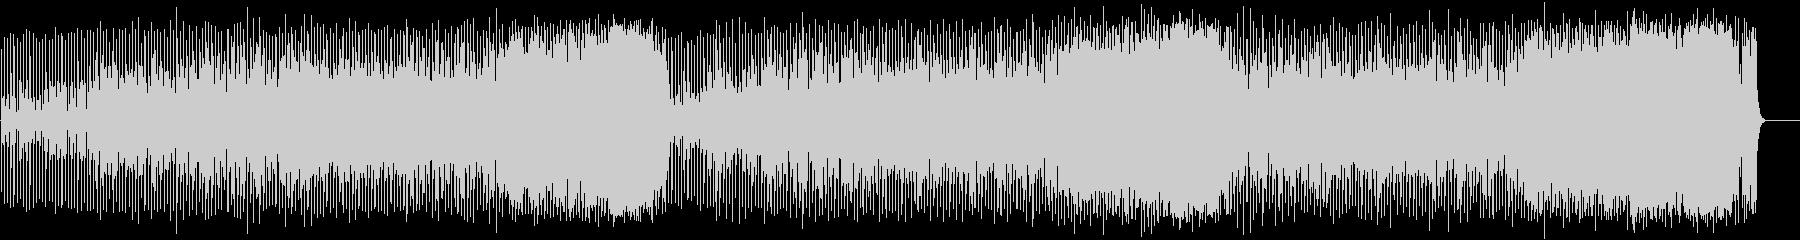 ダンサブルなポップ(フルサイズ)の未再生の波形